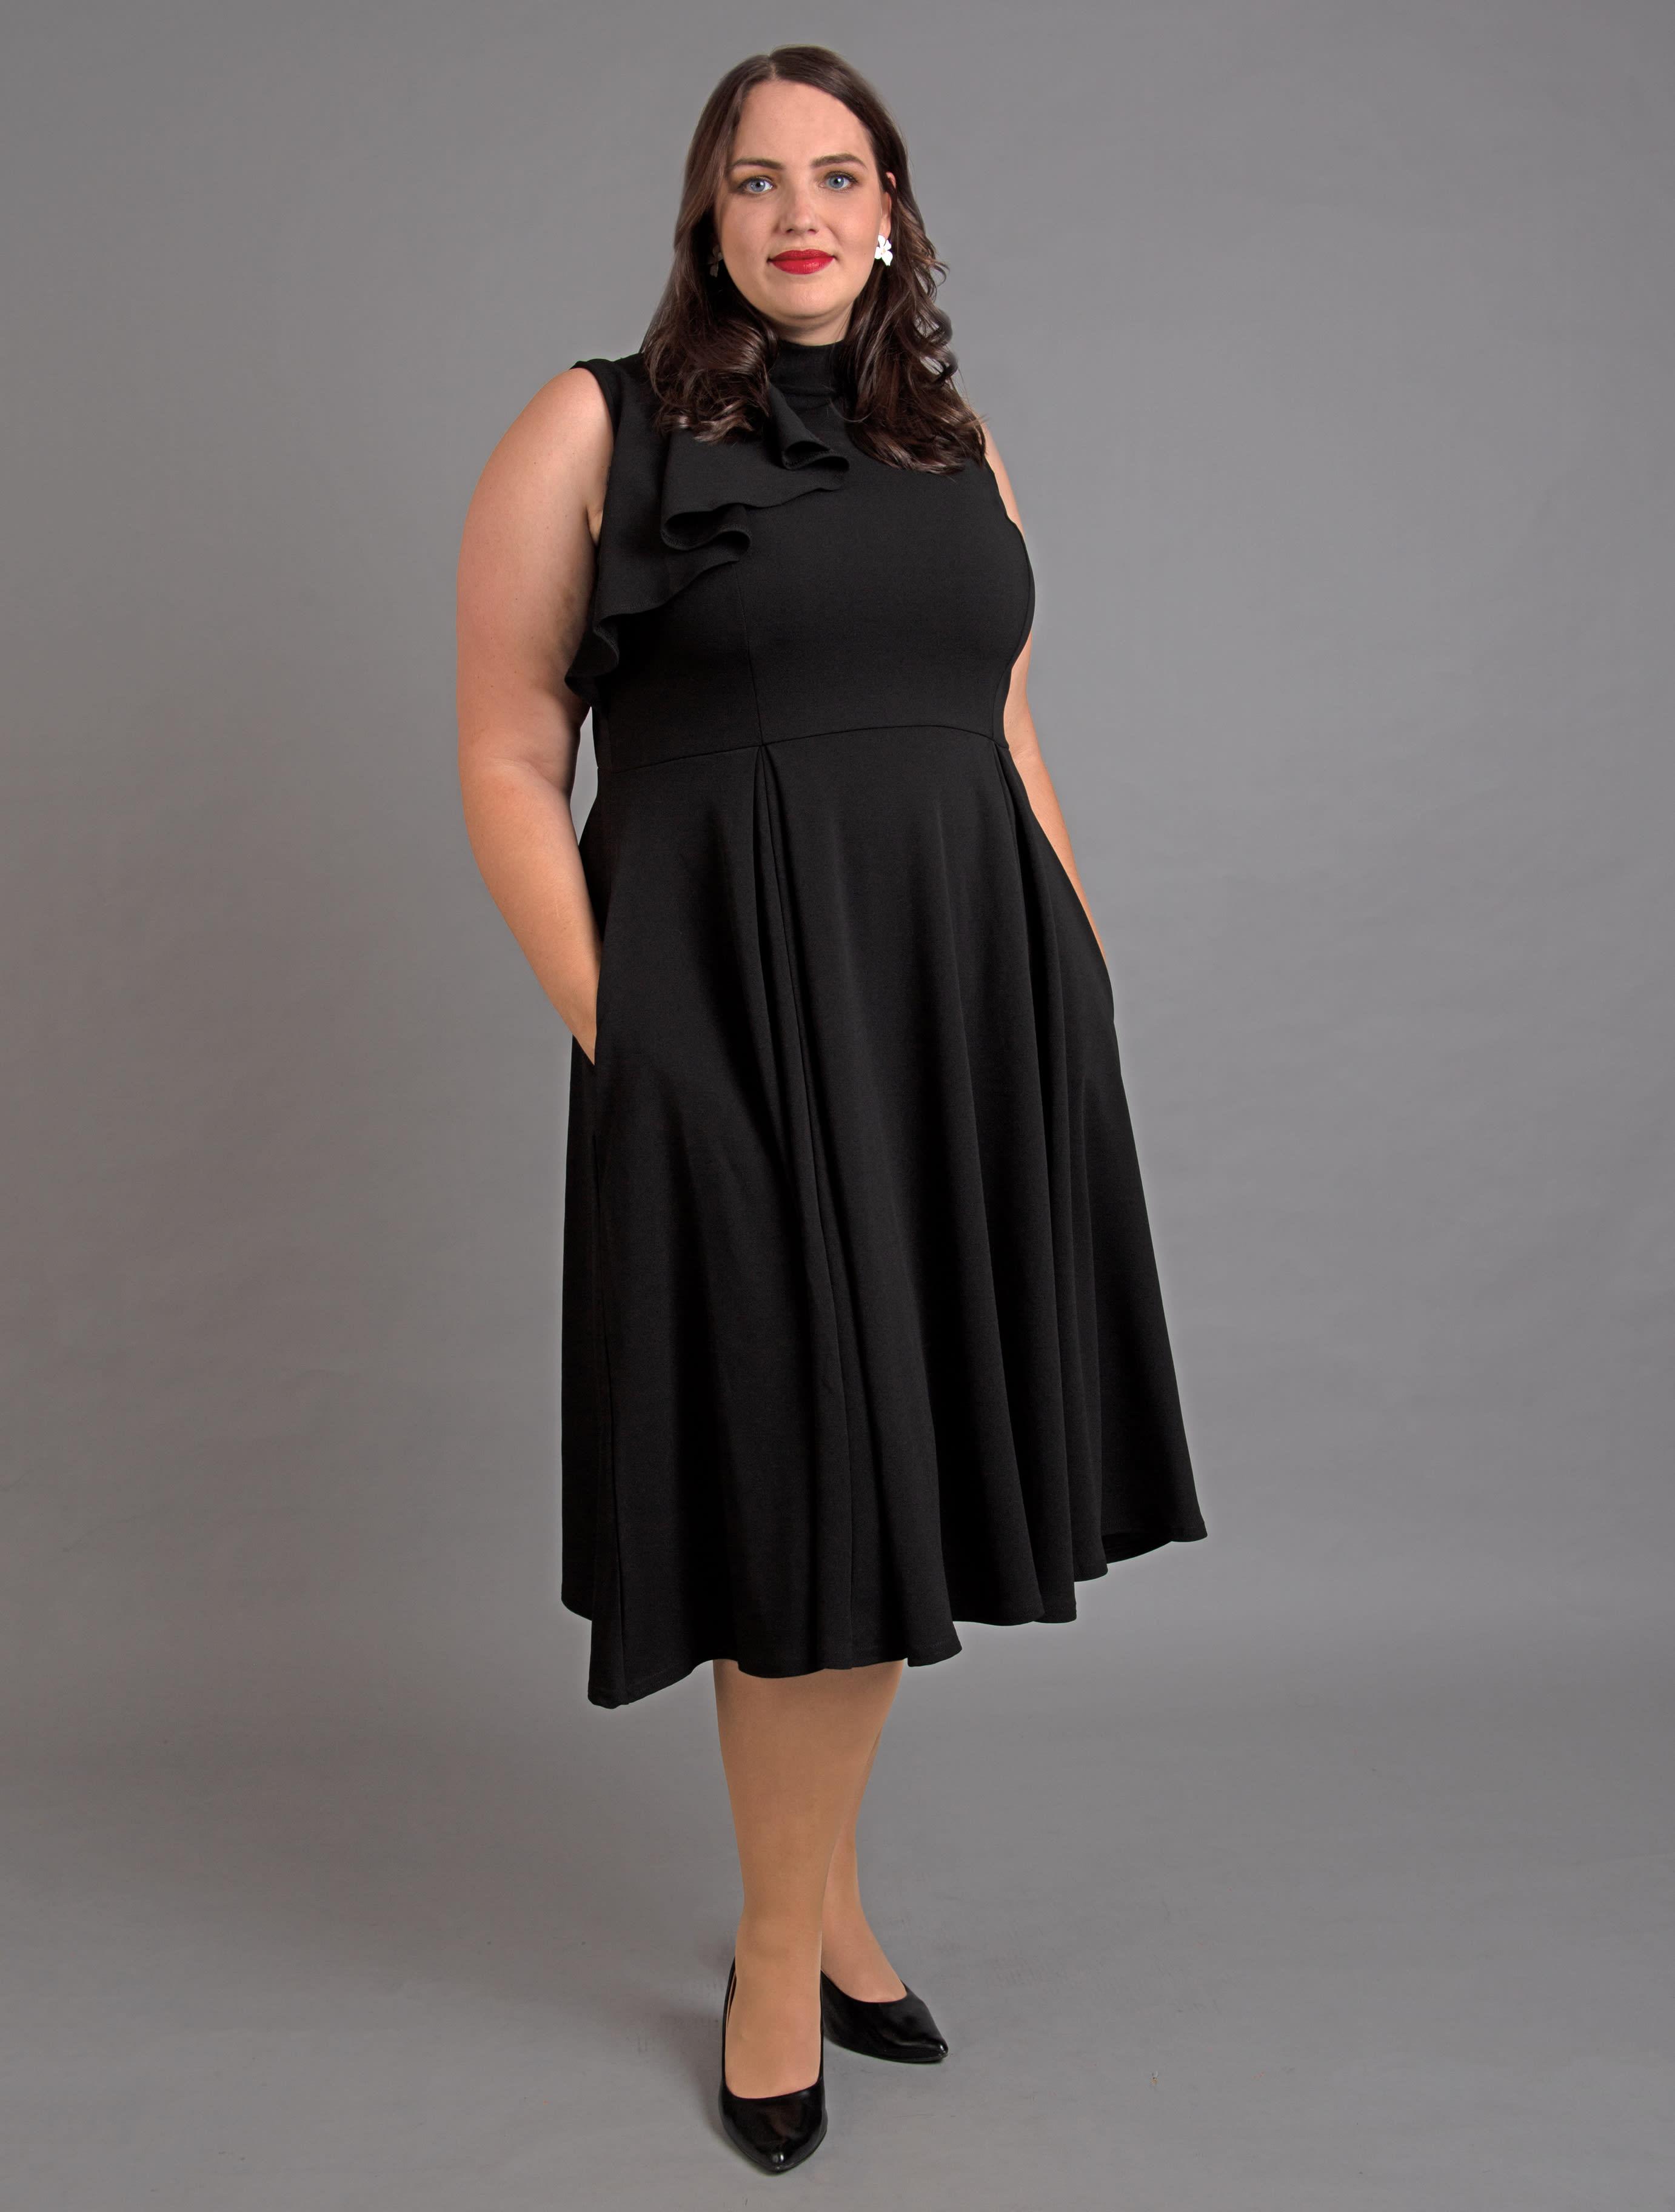 online retailer 08bda 965d9 Kleider große Größen | Auswahl aus 25.000 Kleidern ...